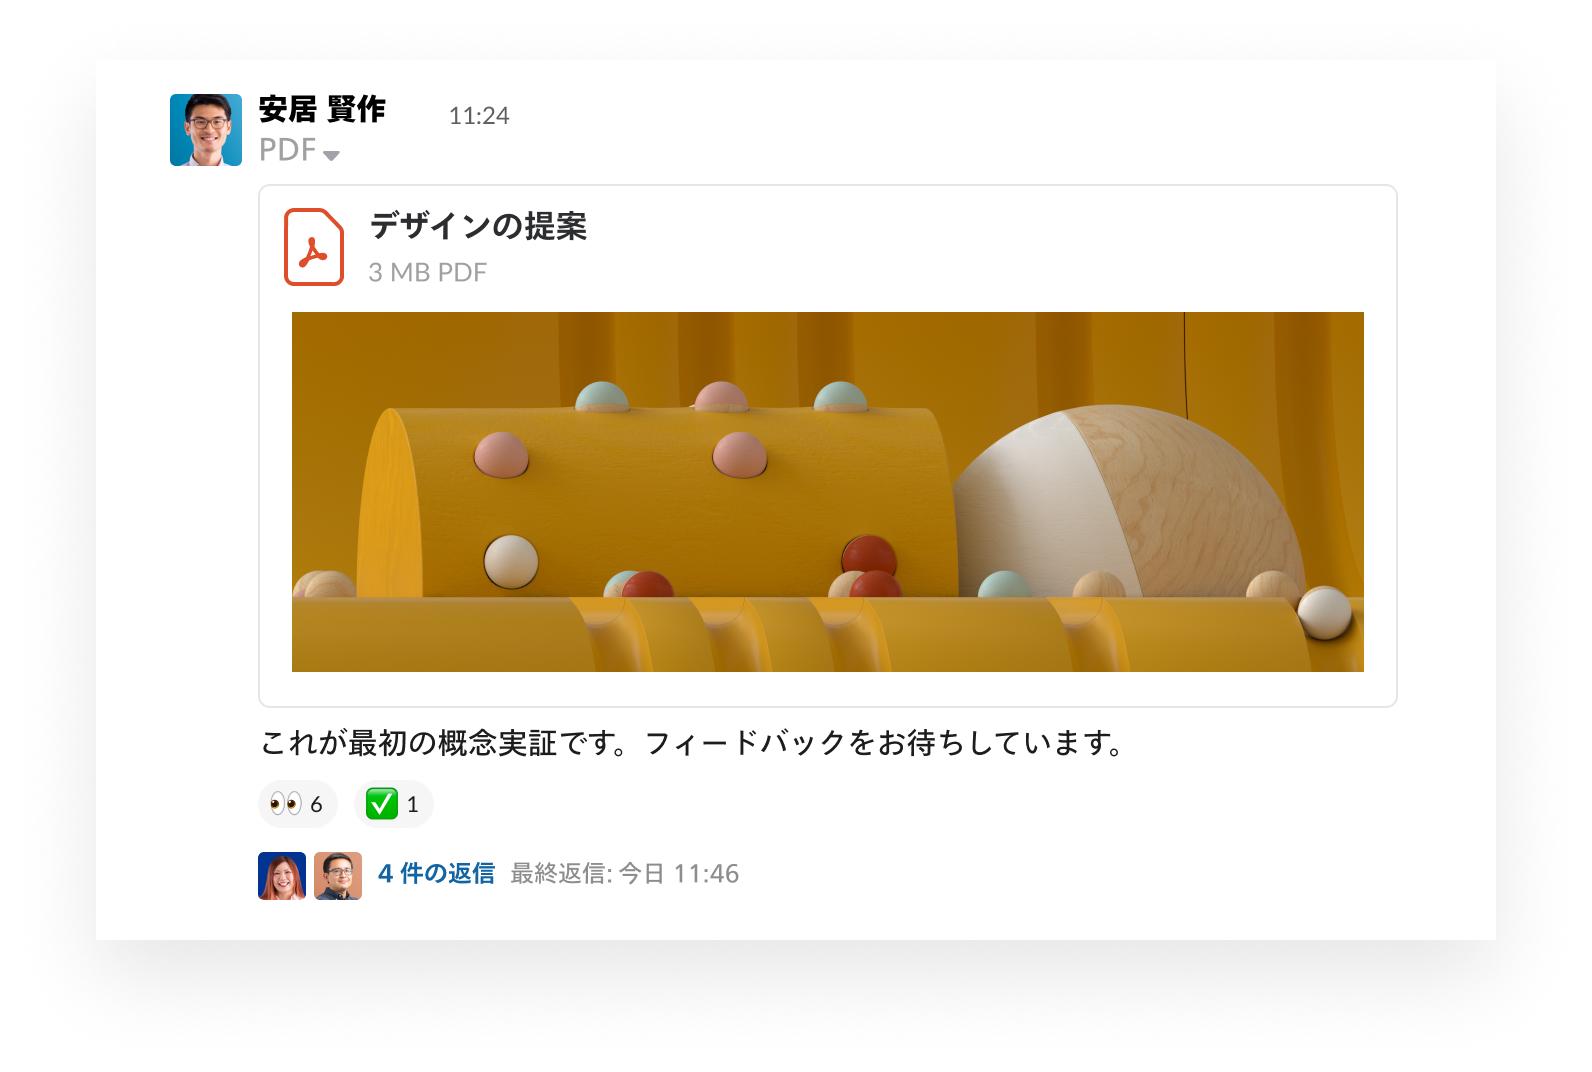 ファイルを共有してフィードバックする方法を示す Slack の製品 UI